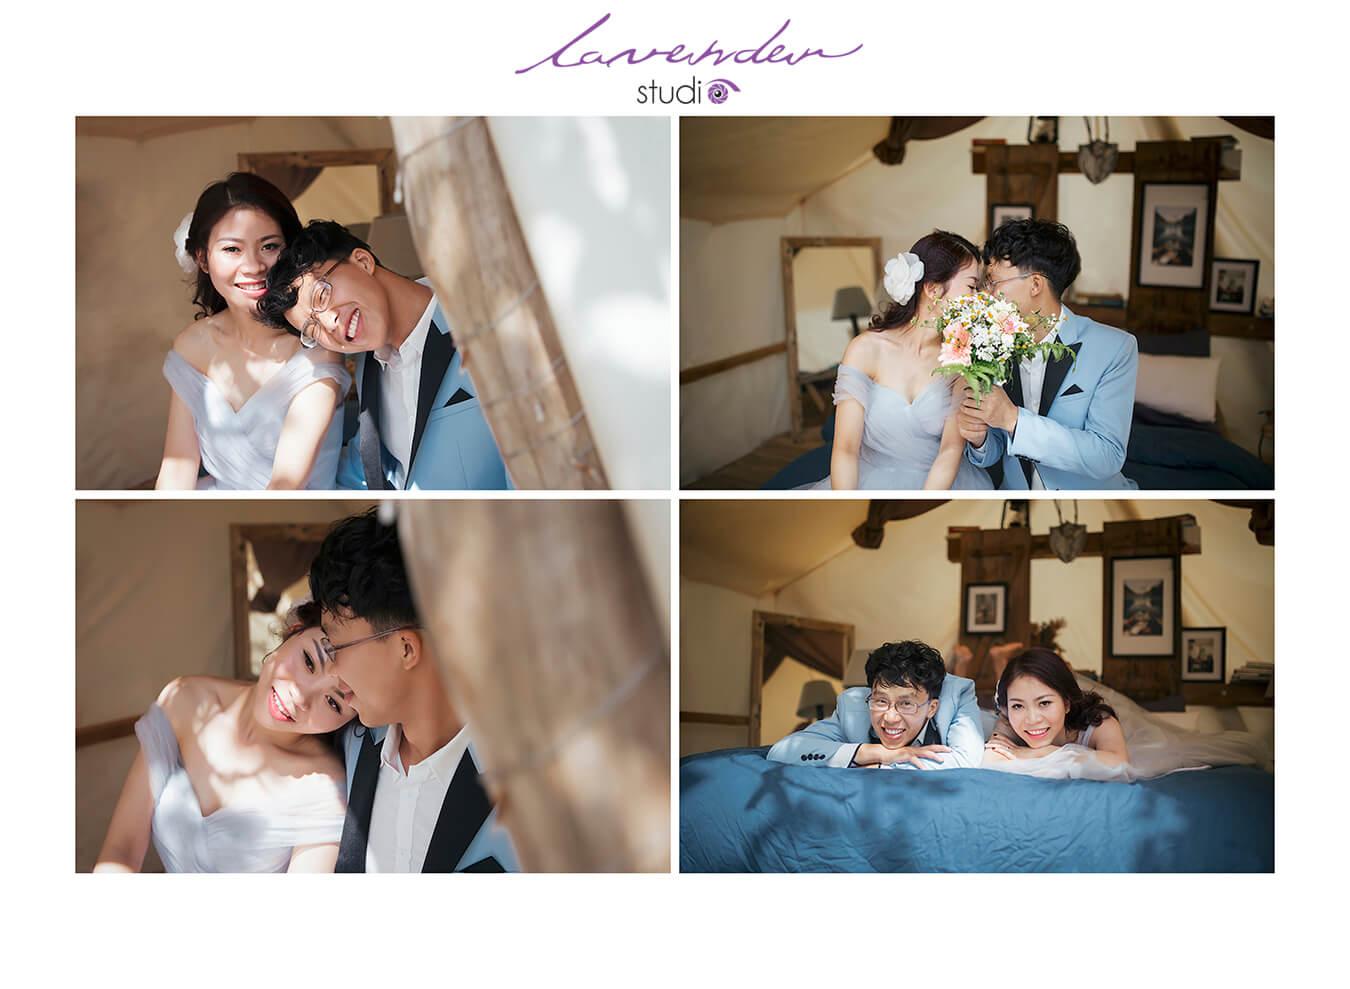 Studio chụp ảnh cưới đẹp và nhanh chóng tại Đà Lạt